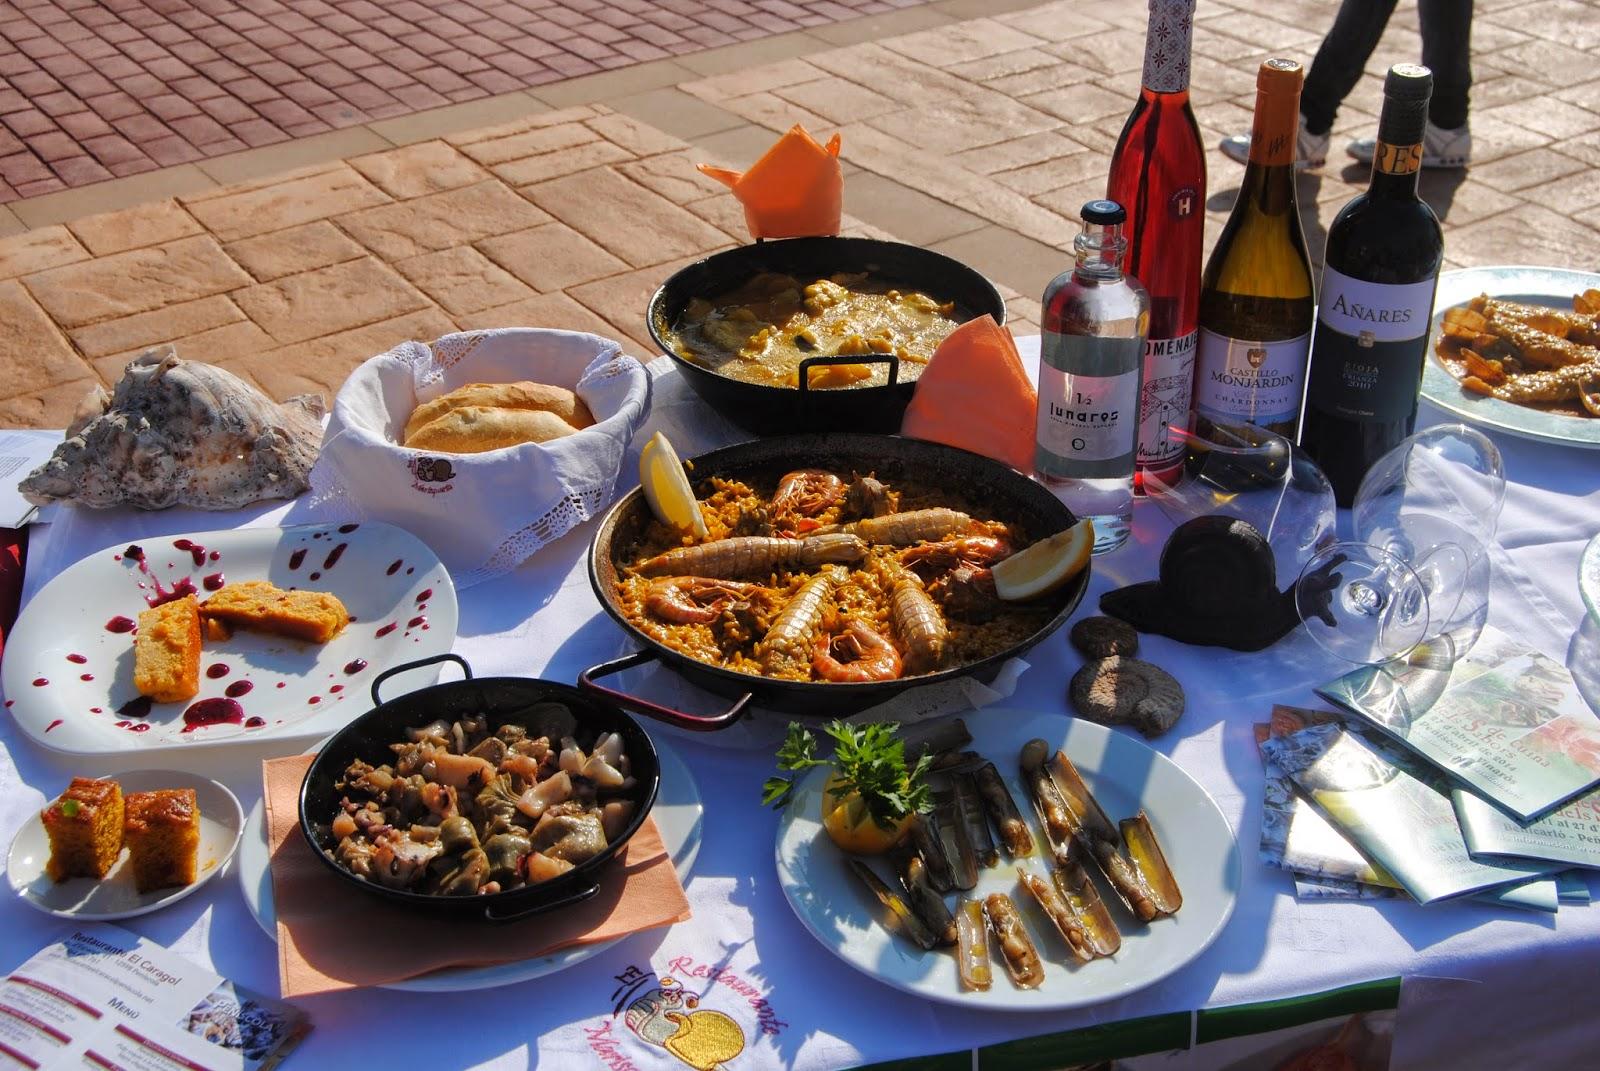 cuina_dels_sabors_benicarlo_peniscola_vinaros_gastronomia_menus (2)